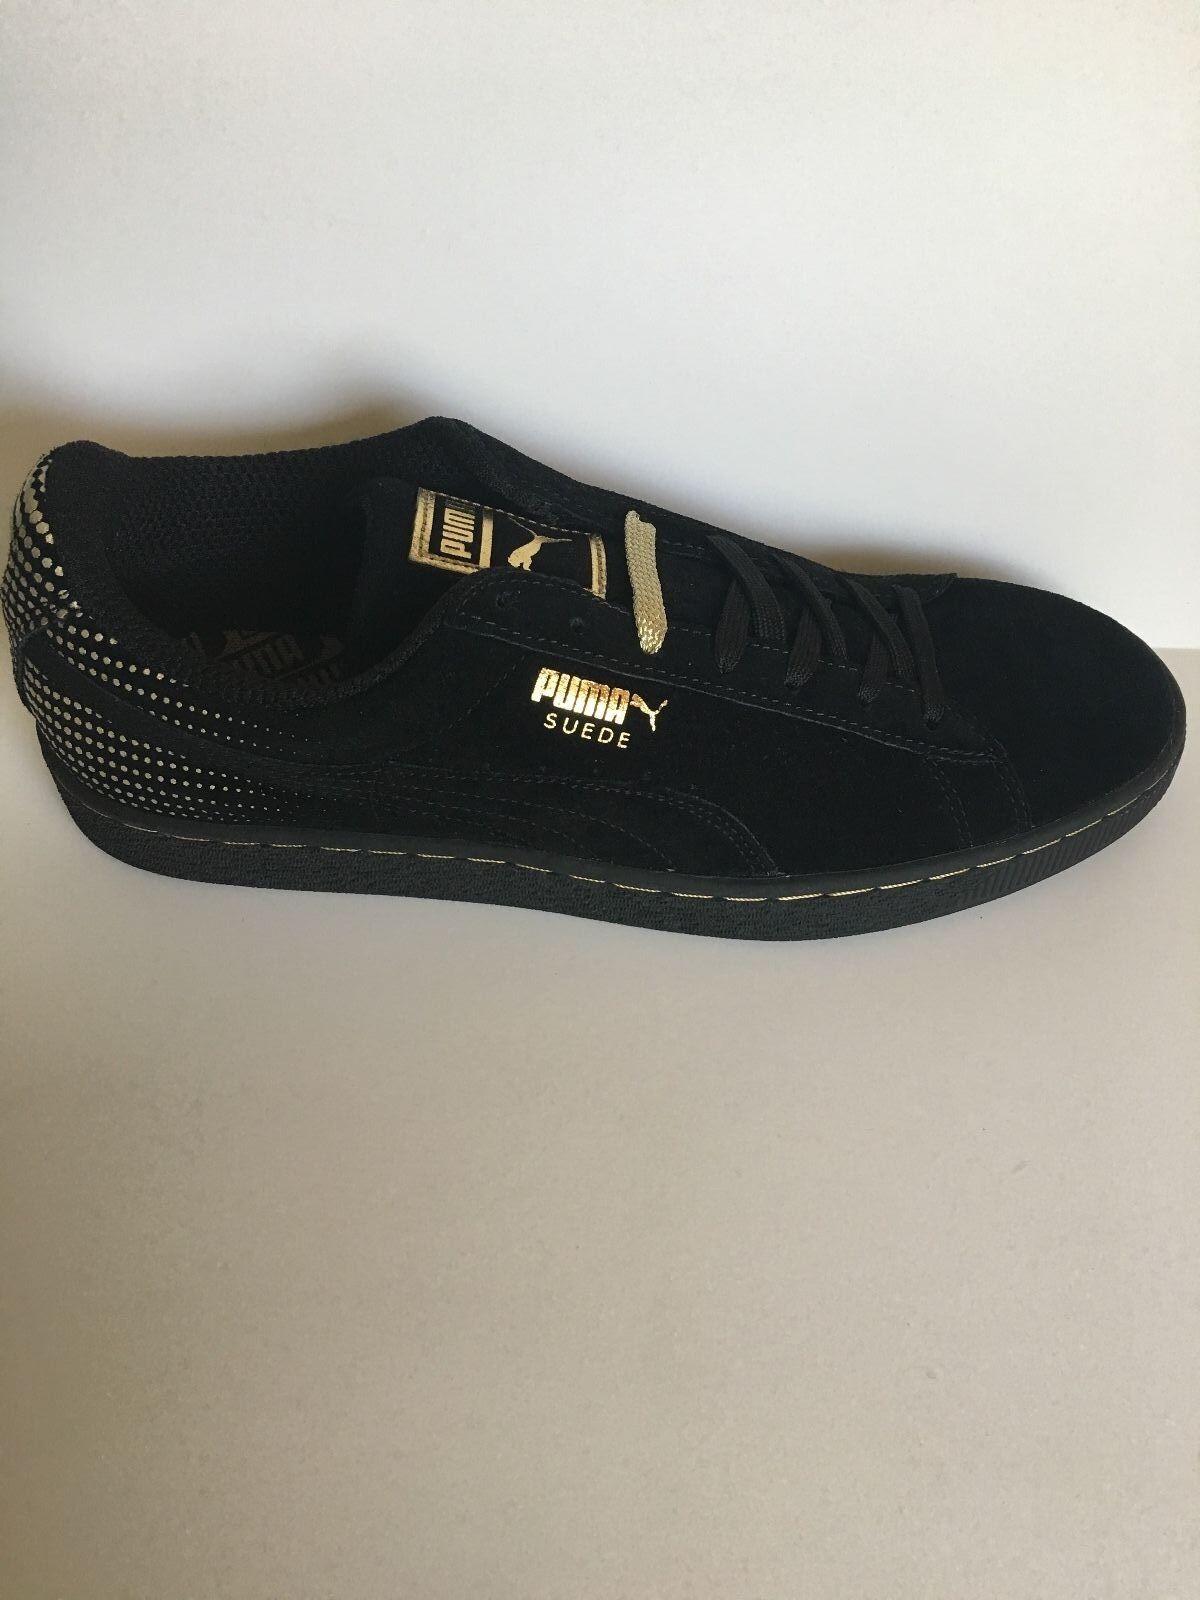 Puma de Suede Metallic fade classic zapatos Temporada de recortes de Puma precios, beneficios de descuentos 612c3c